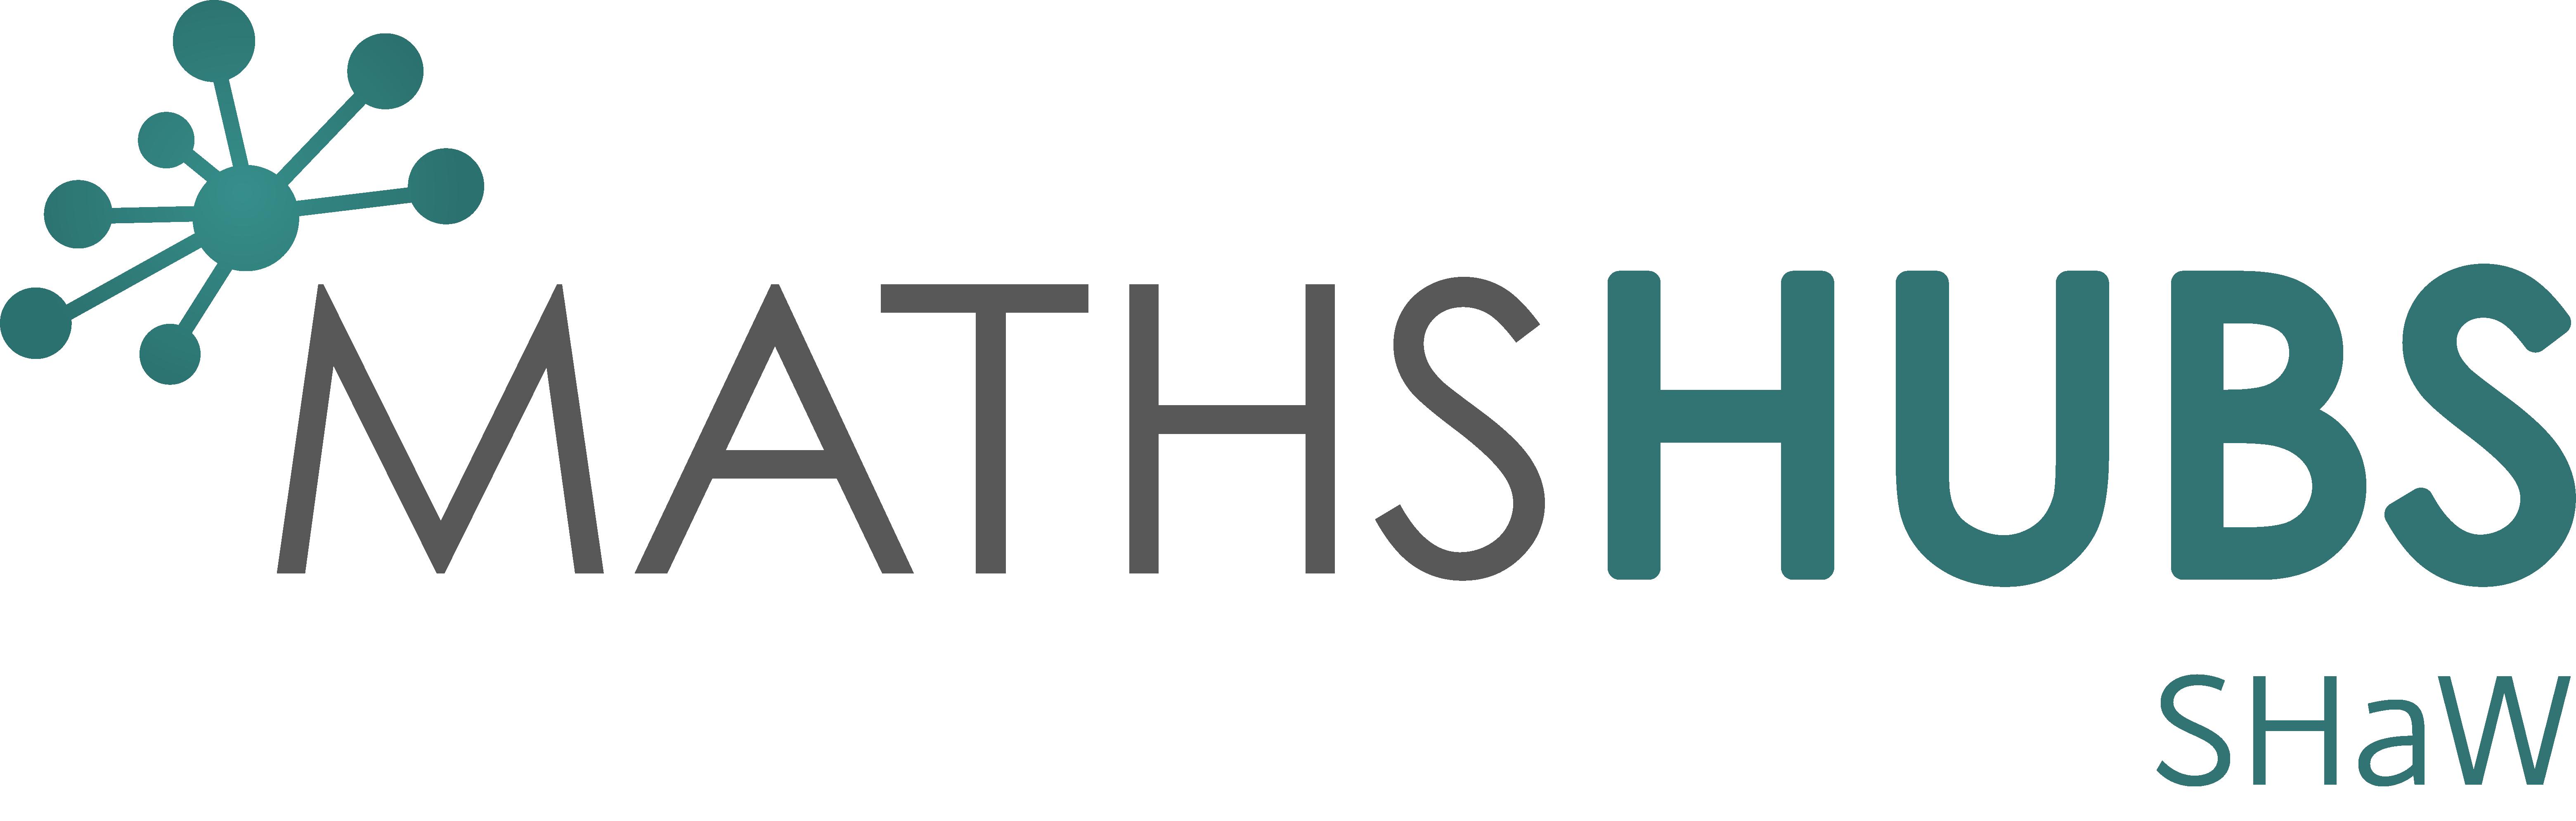 maths_hubs_shaw_logo